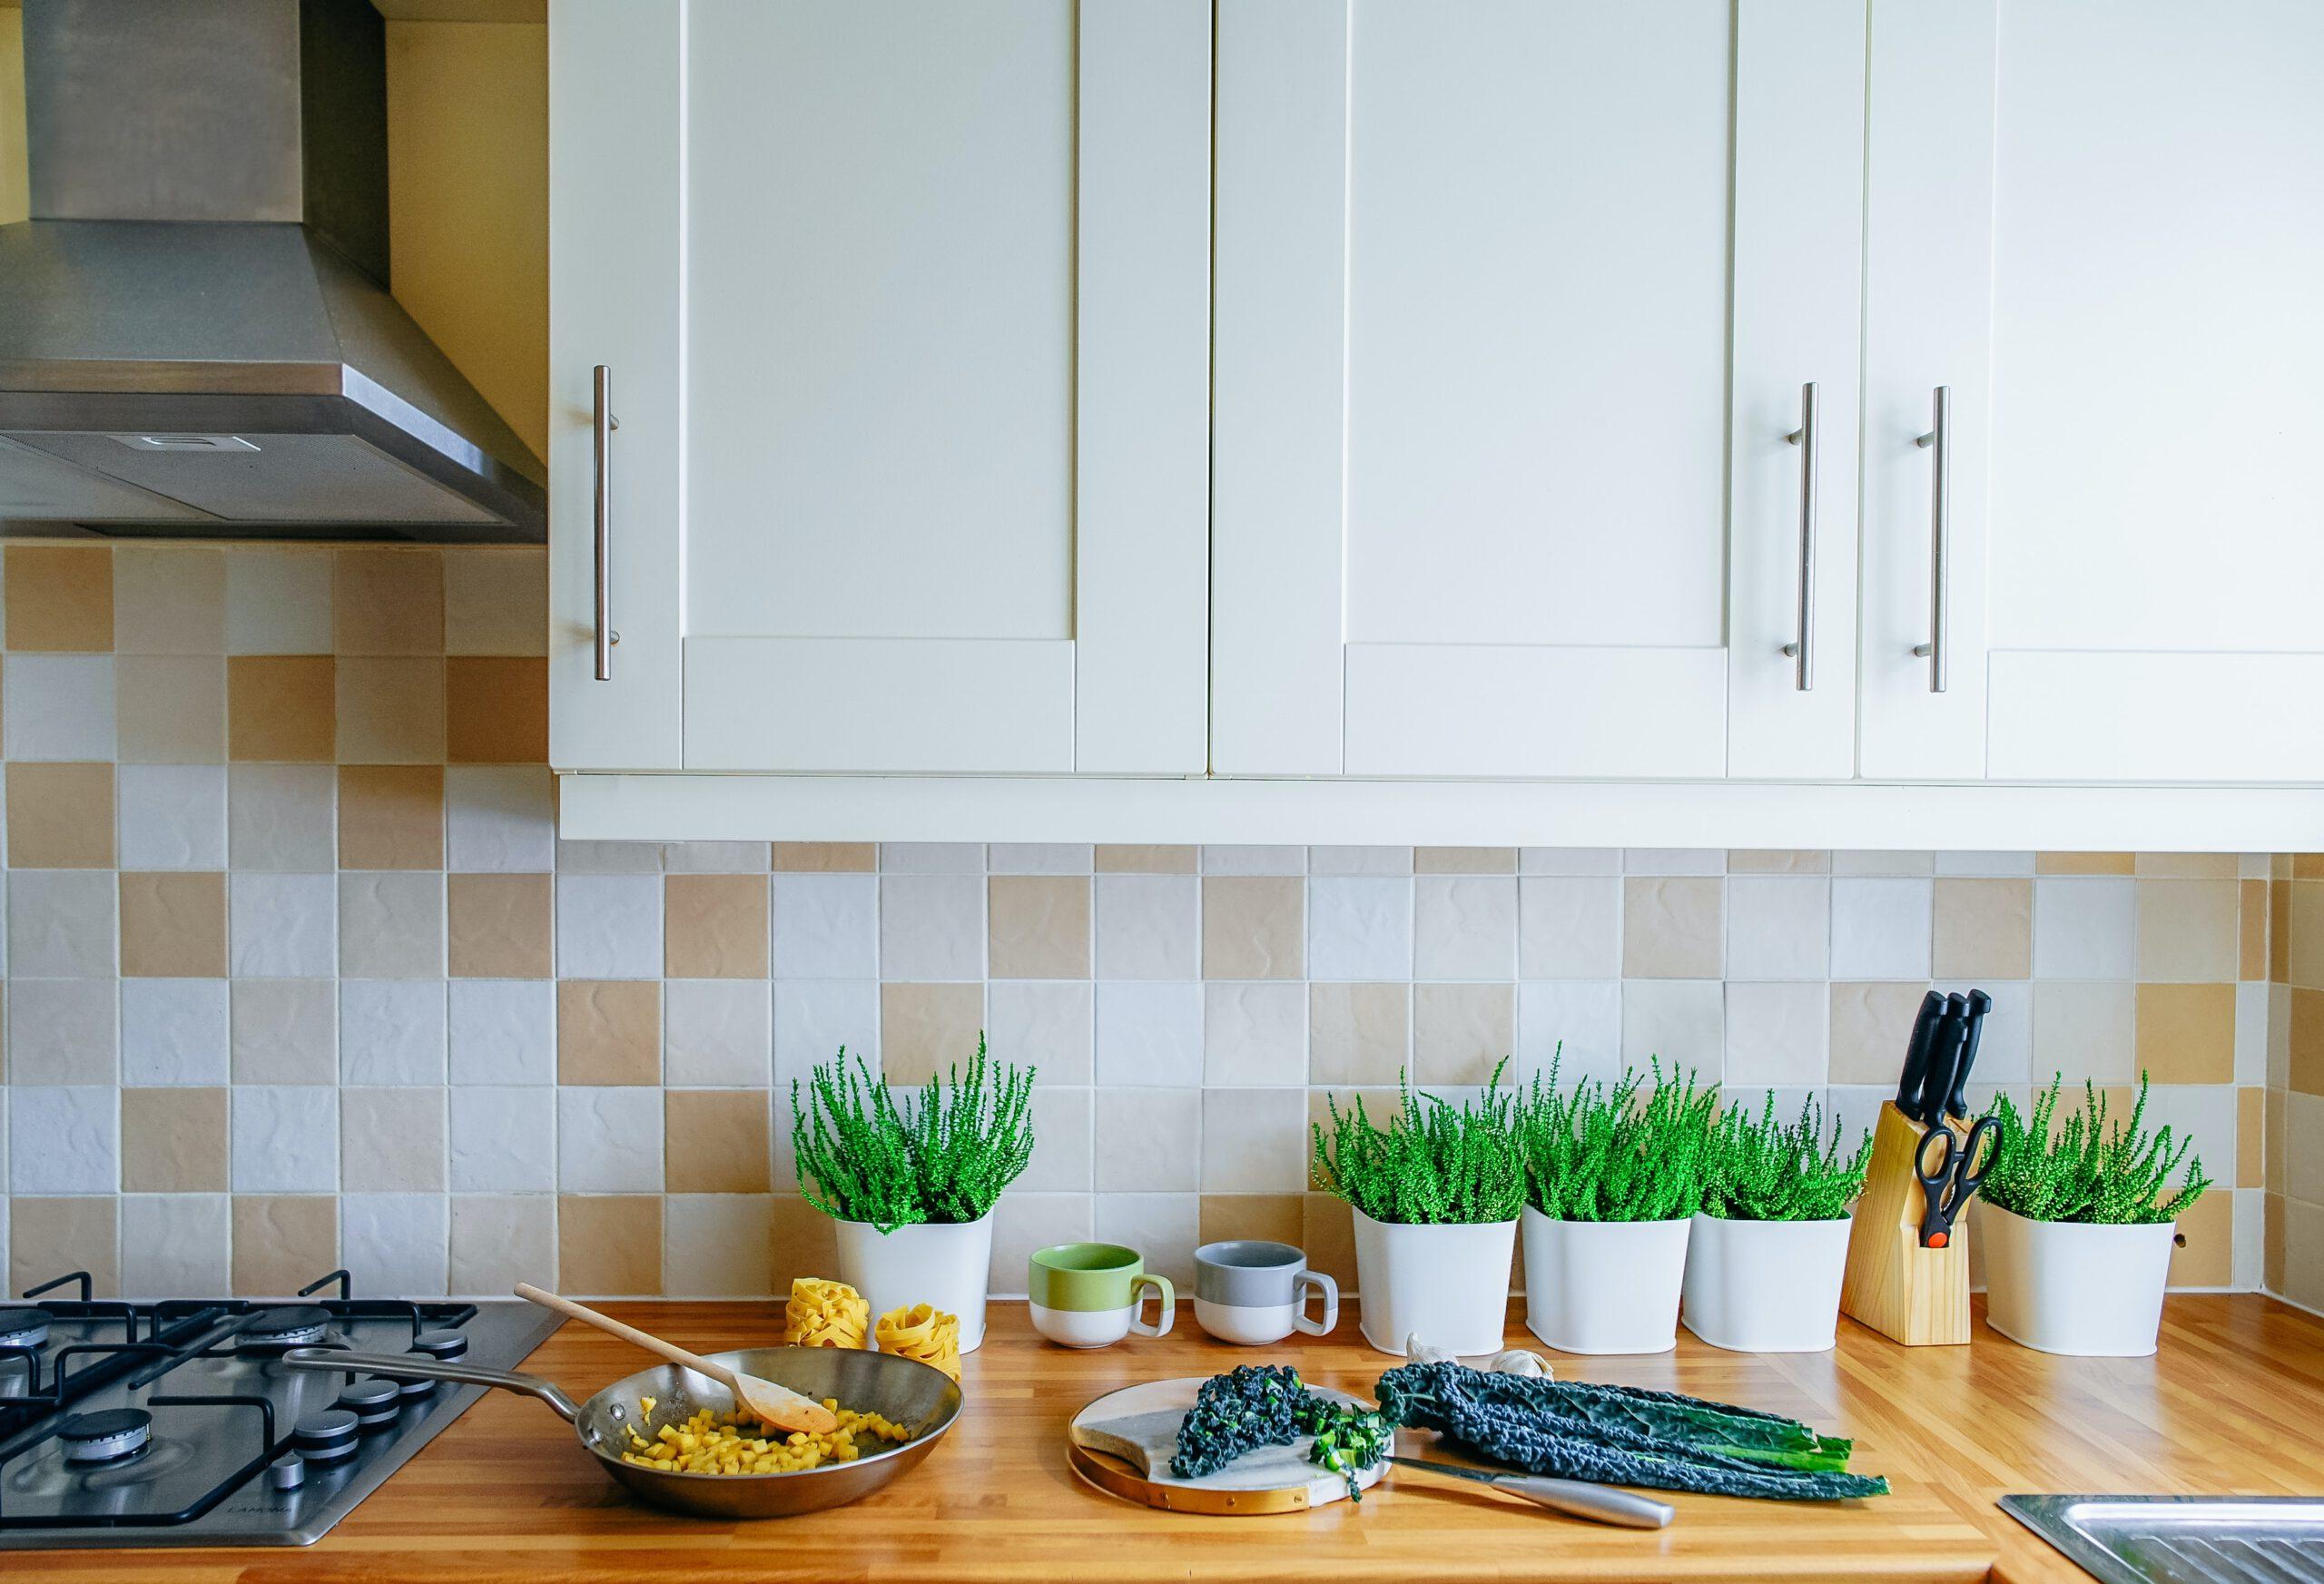 Warzywa izioła wdomu – ogródek naparapecie okna ibalkonie